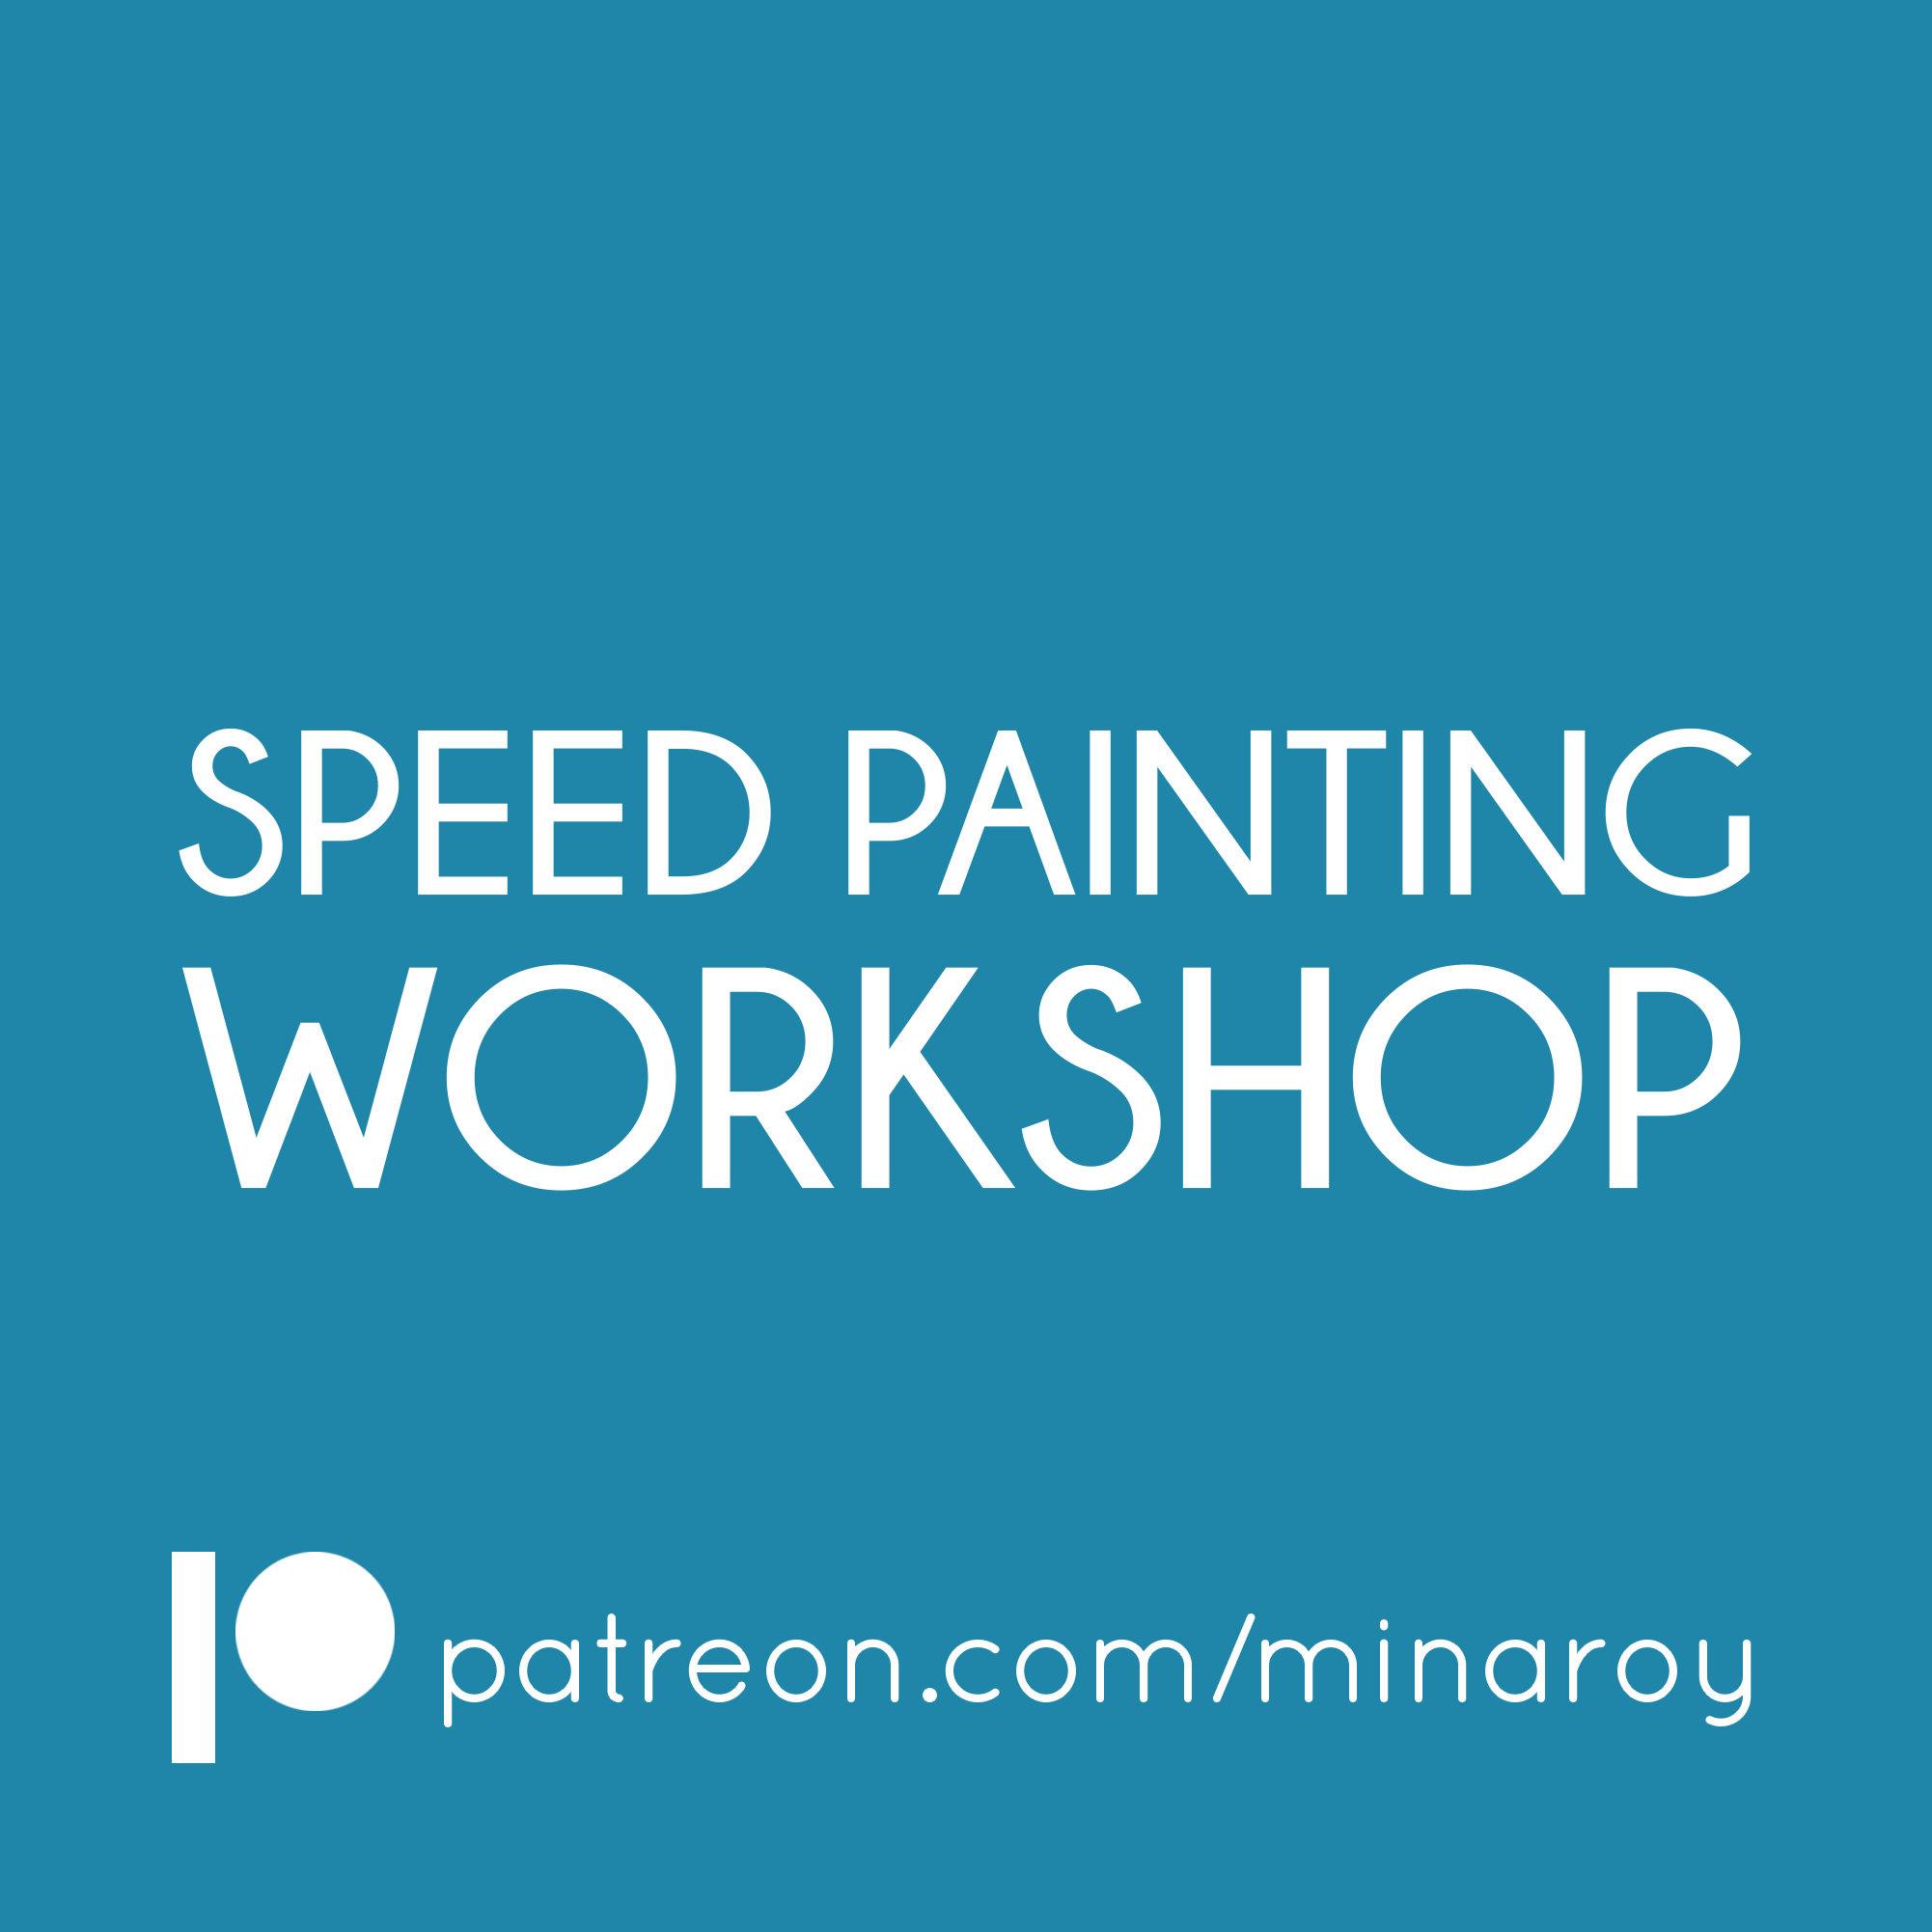 SpeedPainting_Workshop.jpg